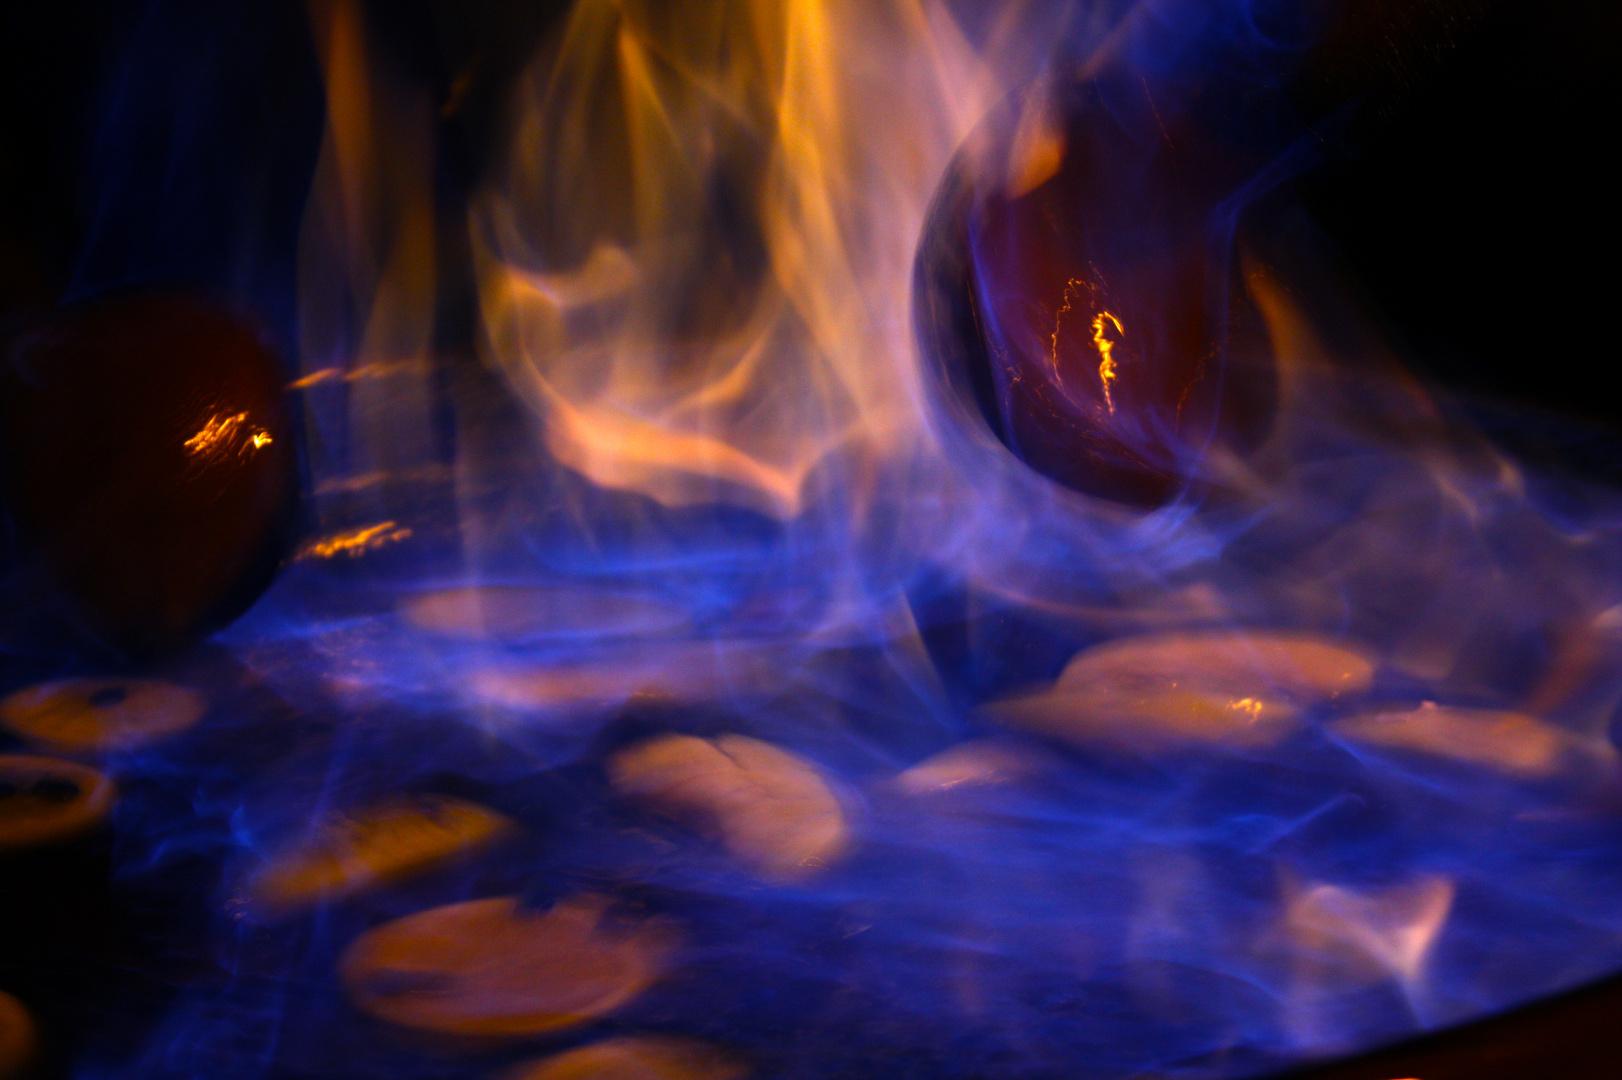 O son do lume.... El sonido del fuego